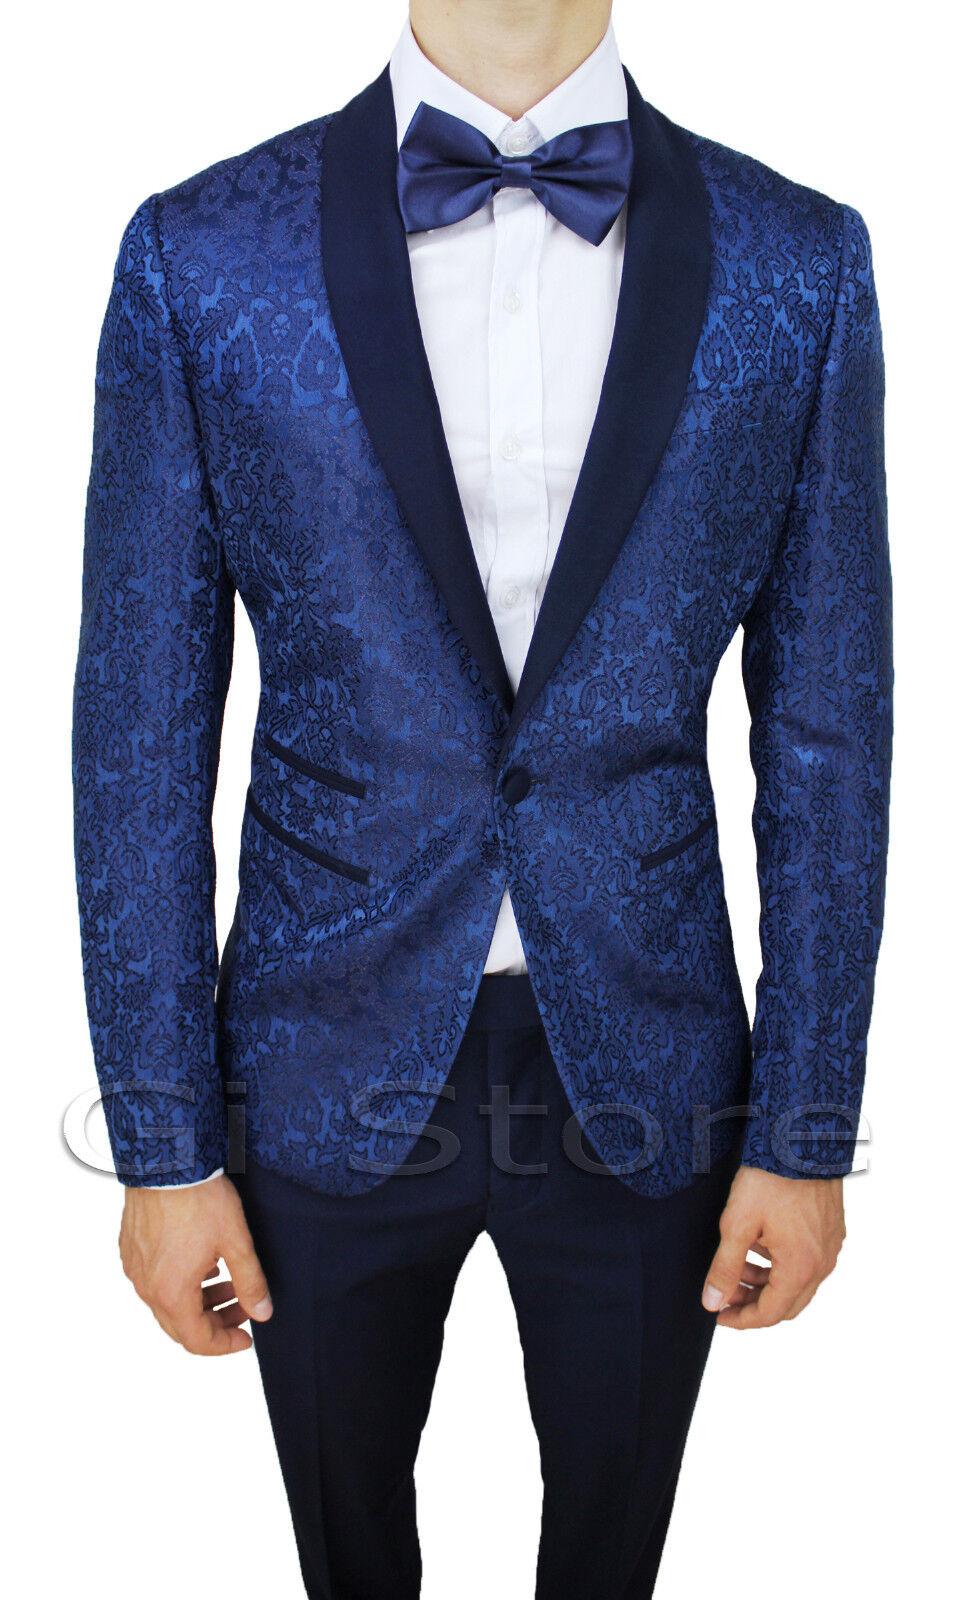 Vestito Matrimonio Uomo Damascato : Abito completo uomo blu sartoriale vestito elegante